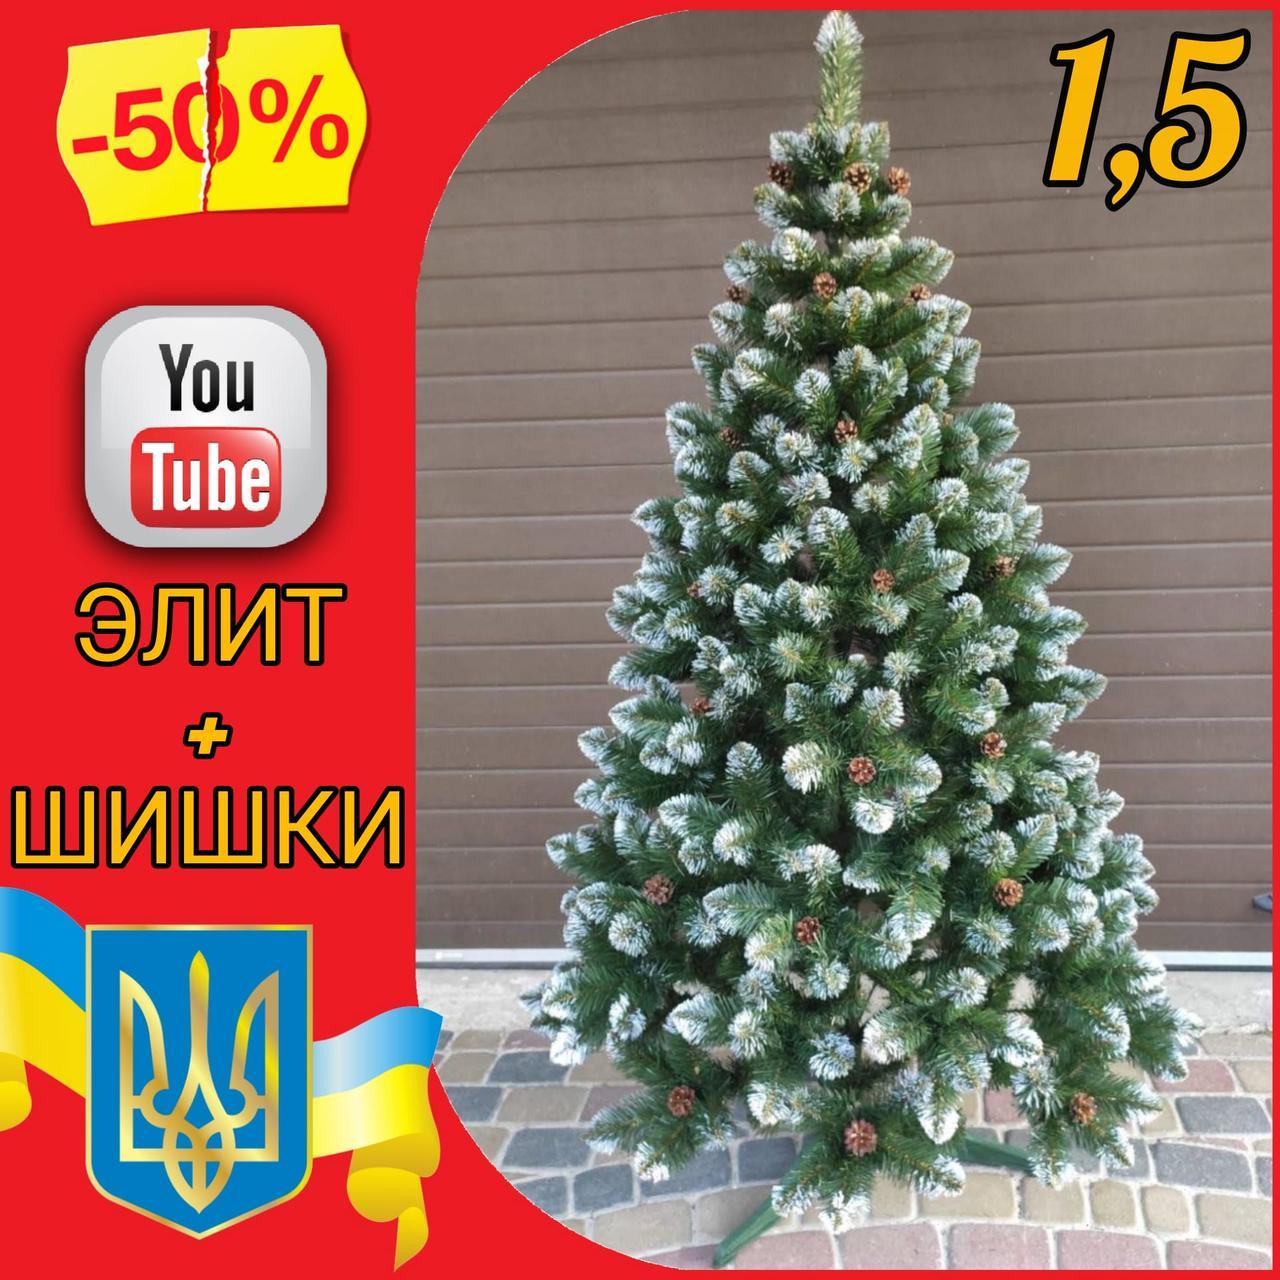 Заснеженная искусственная елка с шишками Элитная 1,5 м, новогодние искусственные пвх ели елки и сосны с инеем